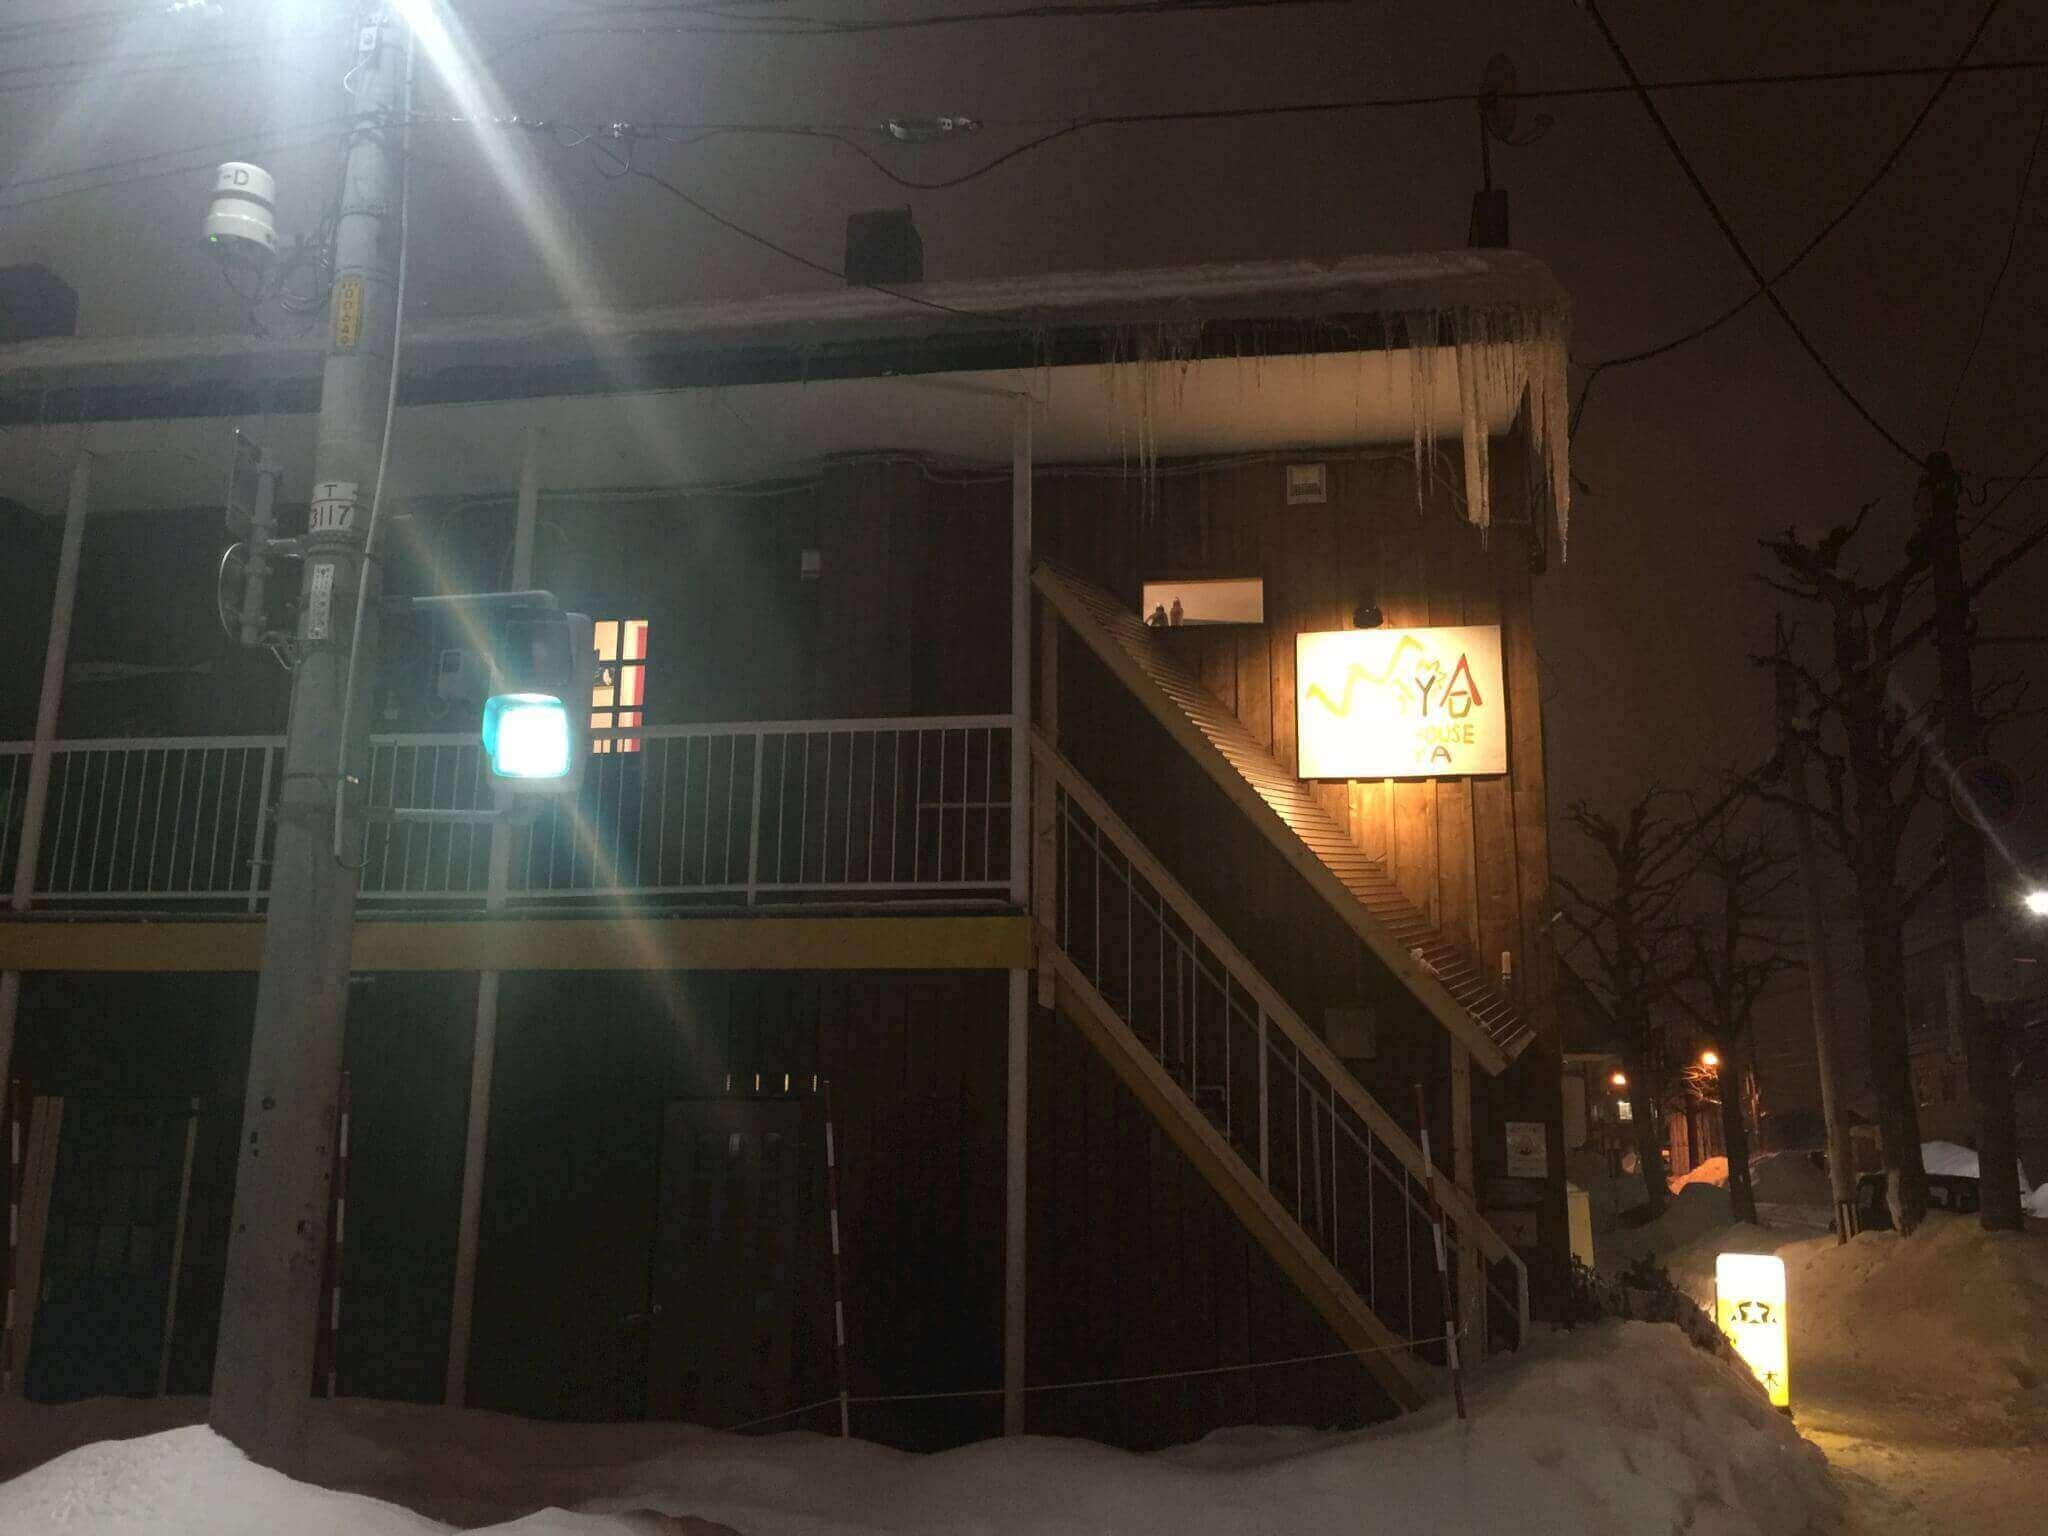 札幌ゲストハウスwayaの外観